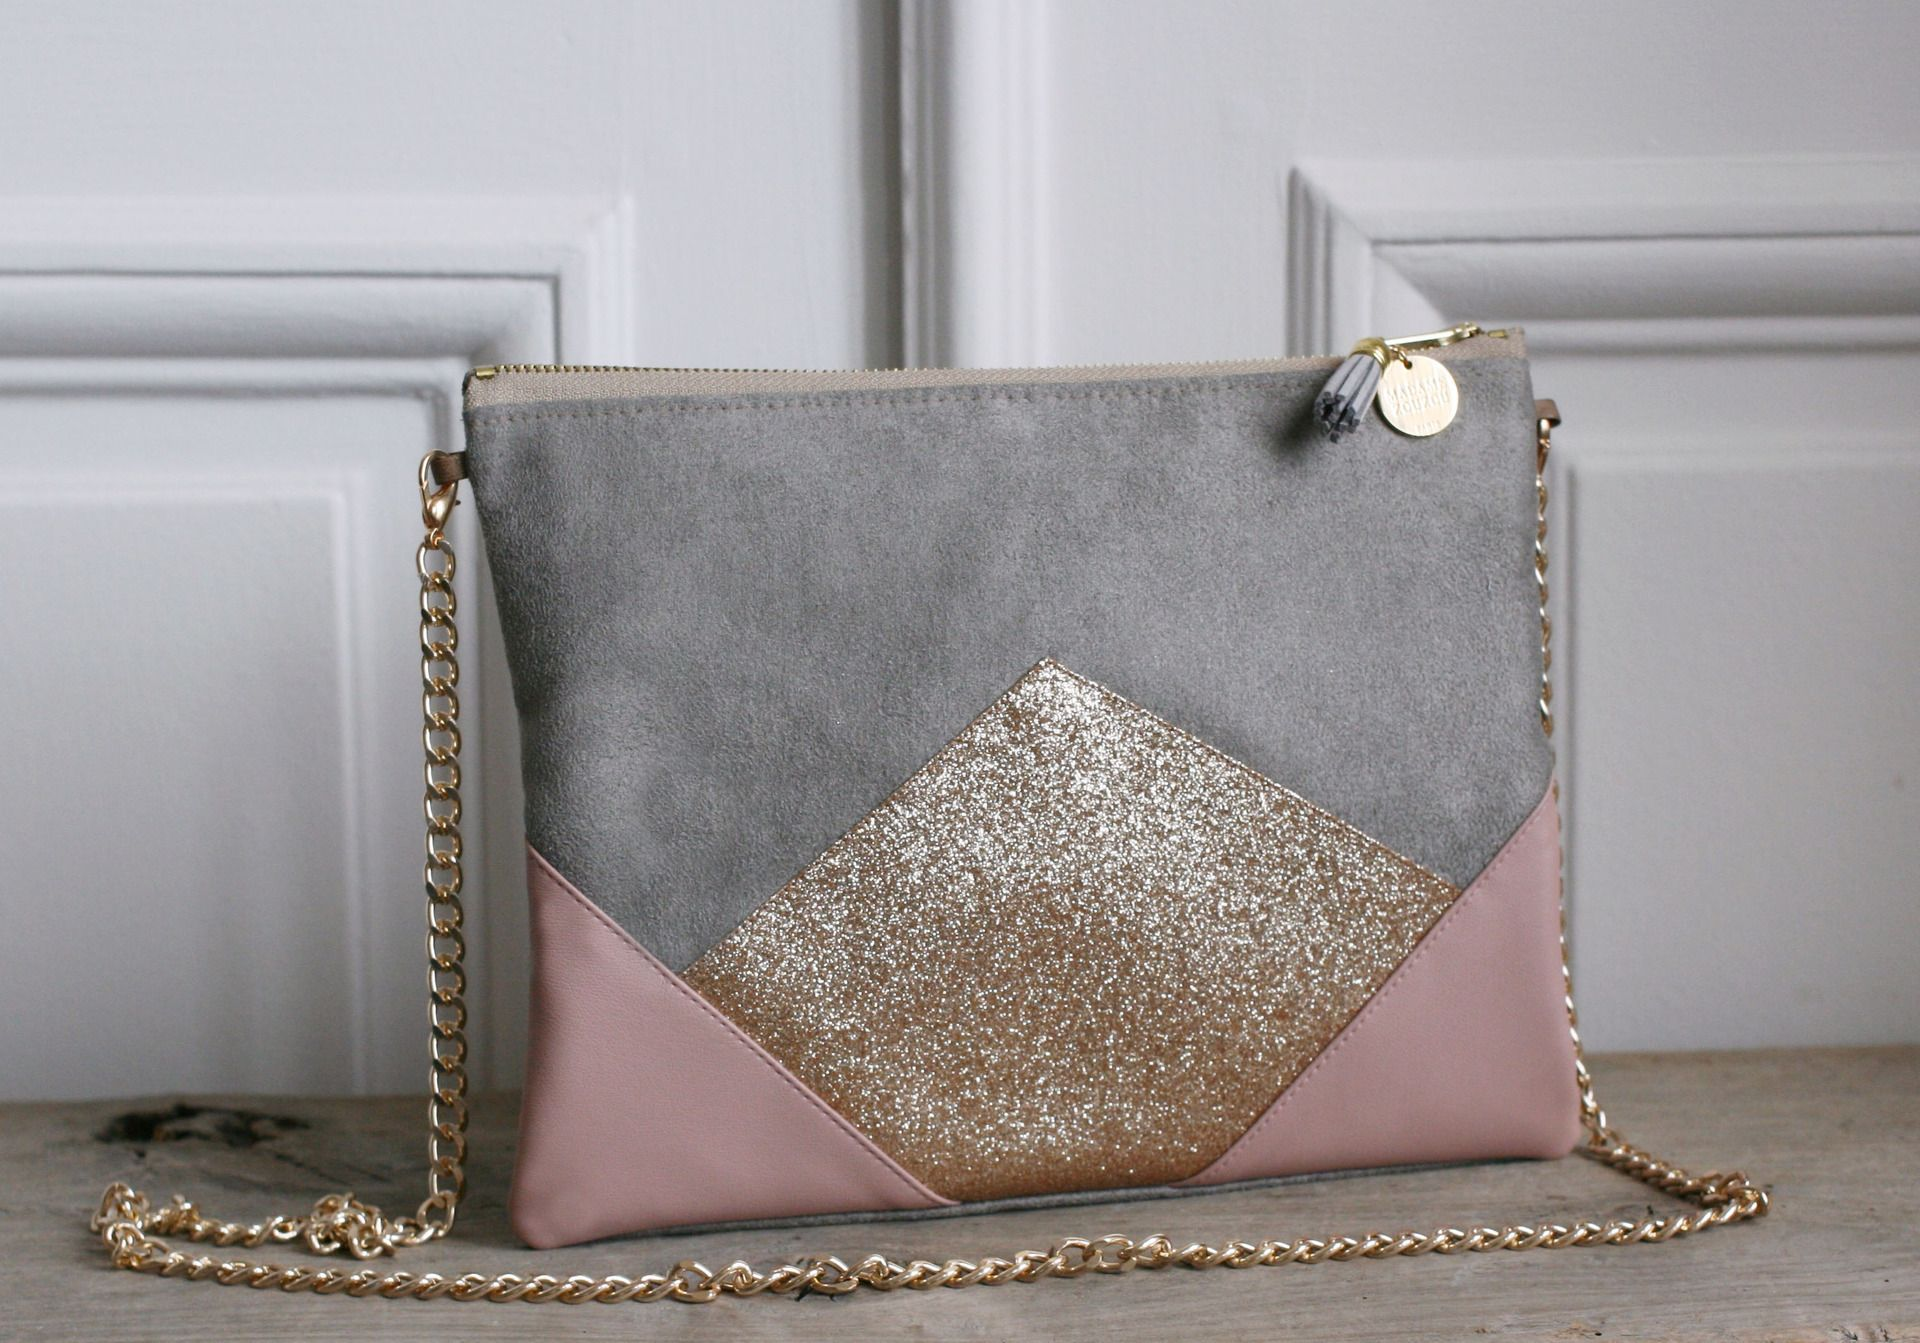 5598a36d0d sac a main gris et rose - Mon sac à main et moi !